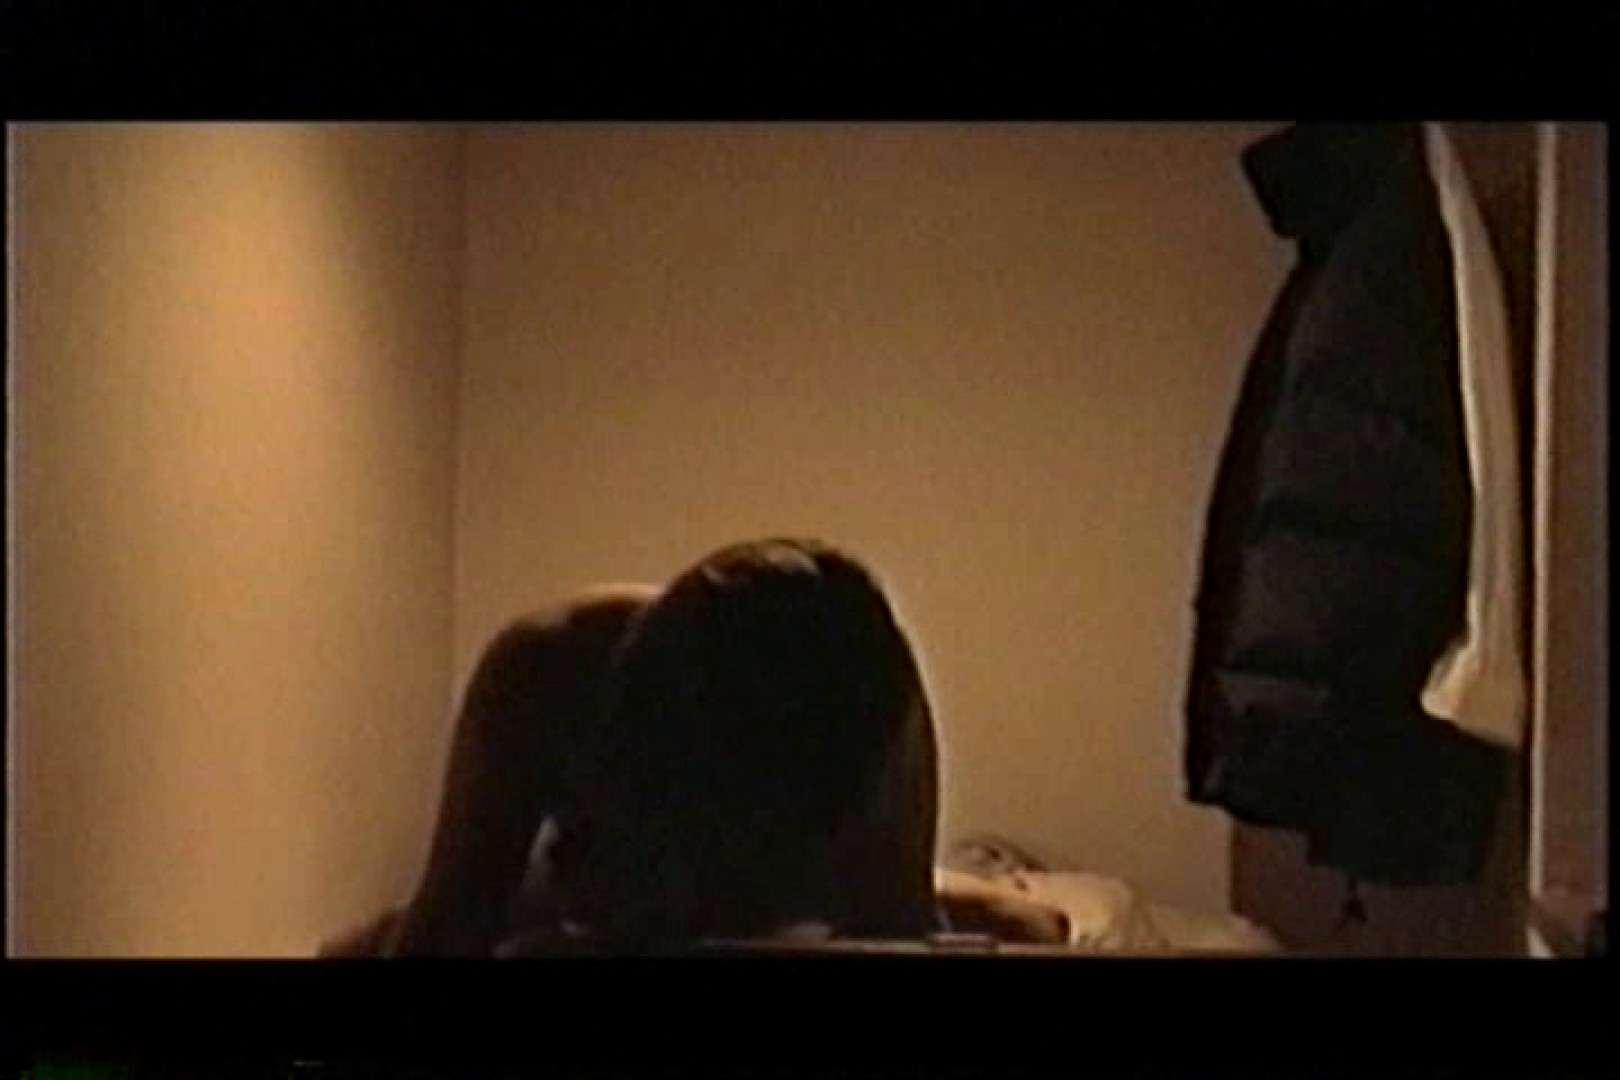 デリ嬢マル秘撮り本物投稿版② マンコ | 隠撮  95pic 31